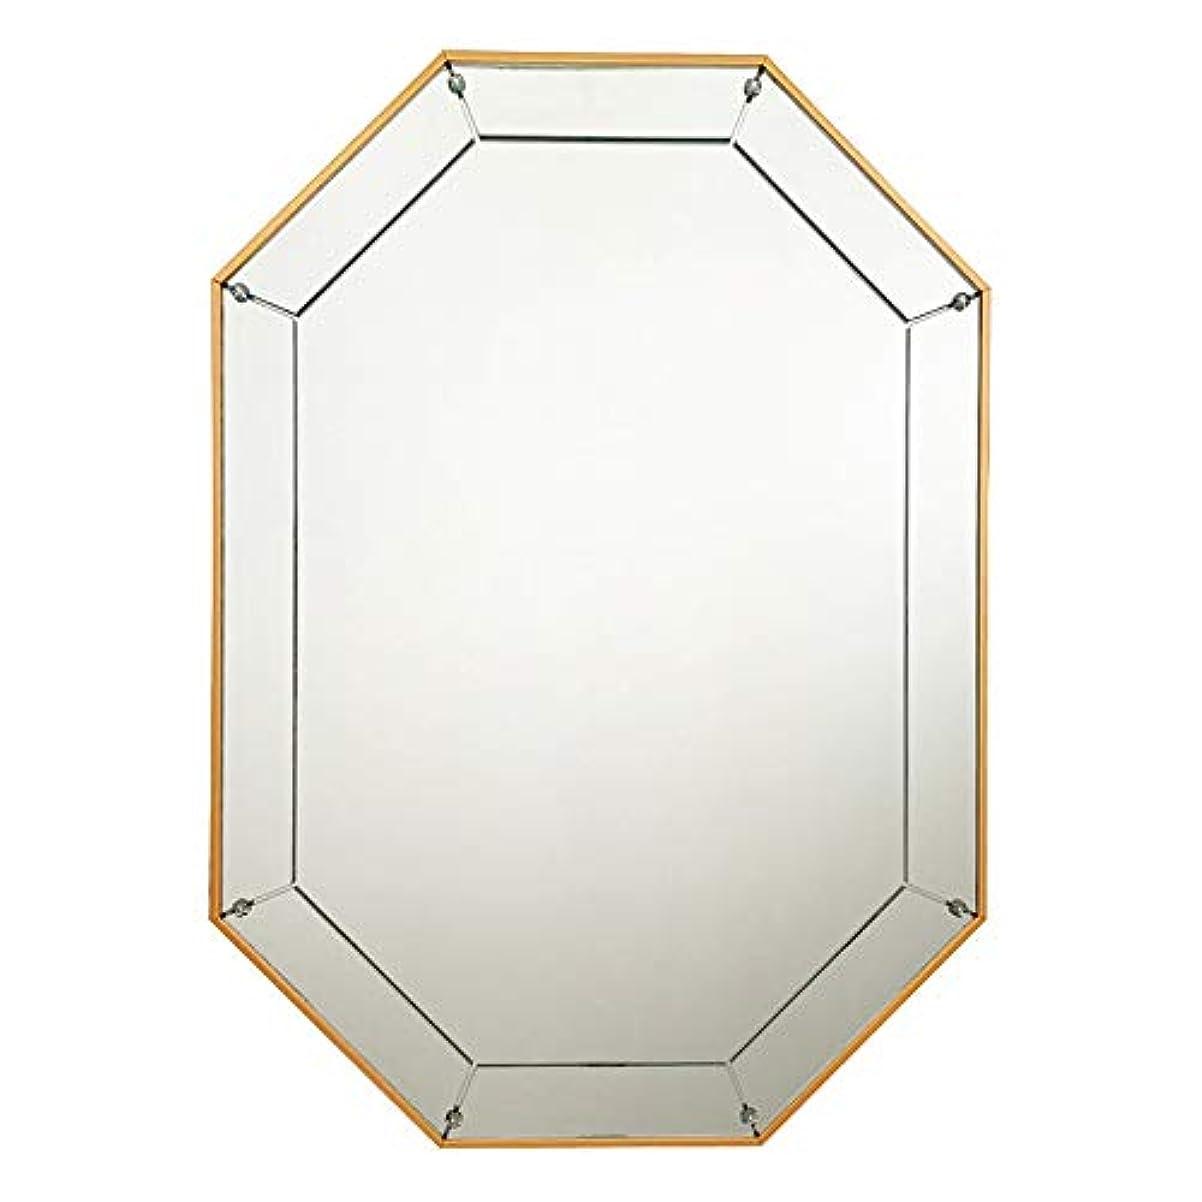 フランクワースリーカメ排泄するウォールマウントメイクアップミラー、ノルディッククリエイティブオクタゴン起毛フレーム壁掛けミラードレッサーミラー装飾玄関リビングルームのバスルーム,金